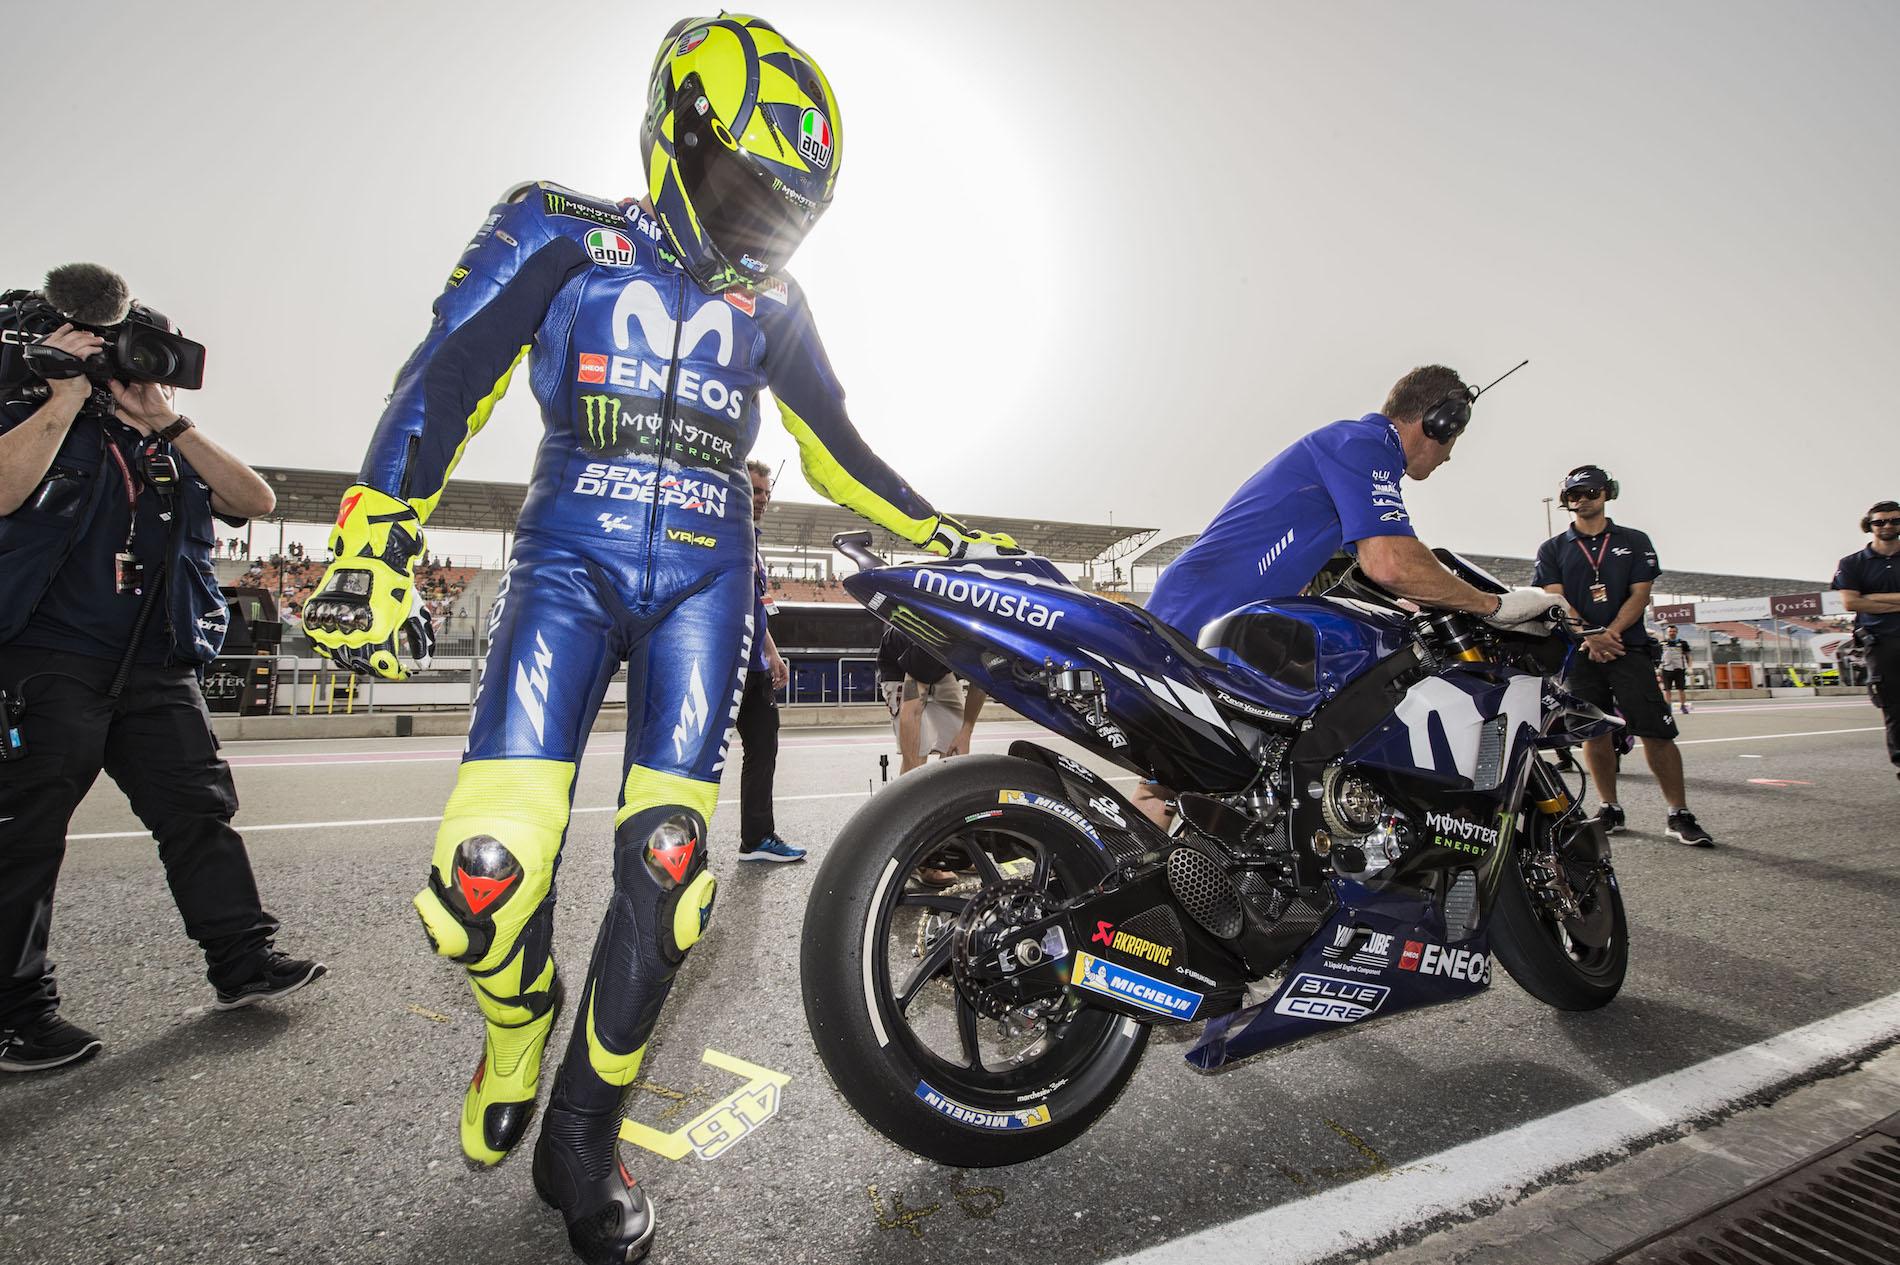 Estos son los principales cambios de las MotoGP 2018